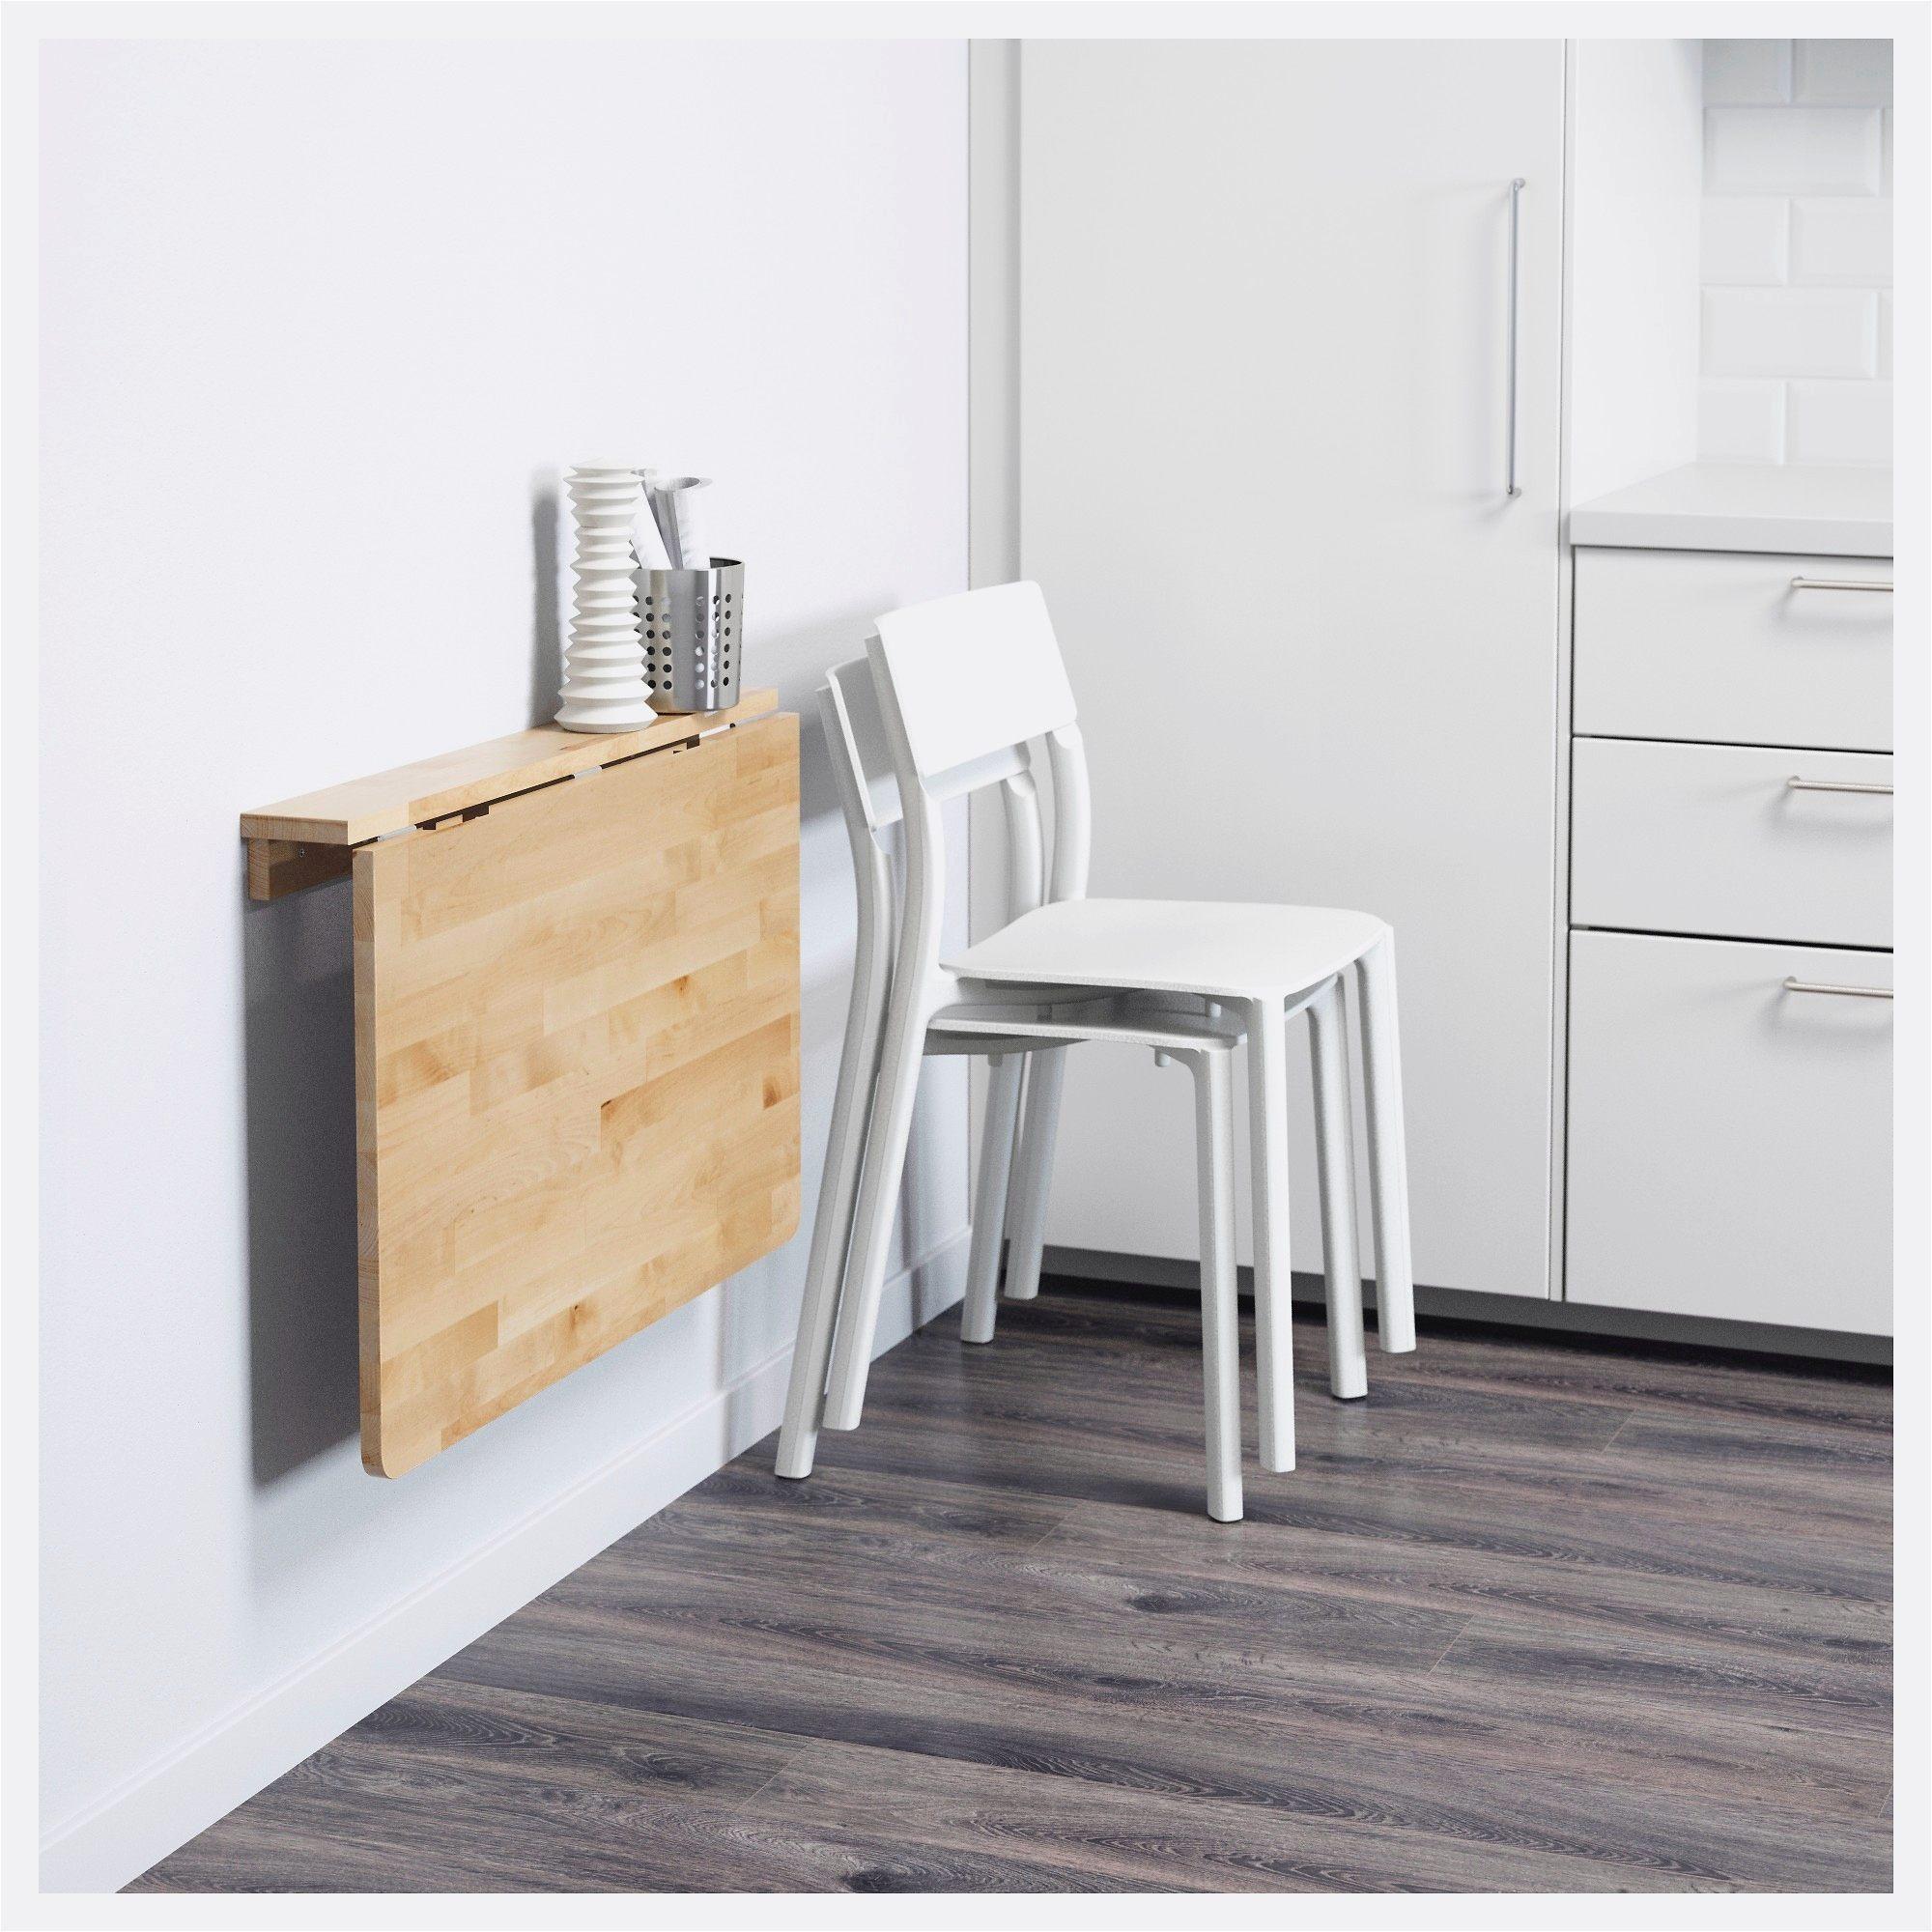 Lit Banquette Pas Cher De Luxe Armoire Lit Banquette Magnifique Lit Placard Ikea Inspirant Canape